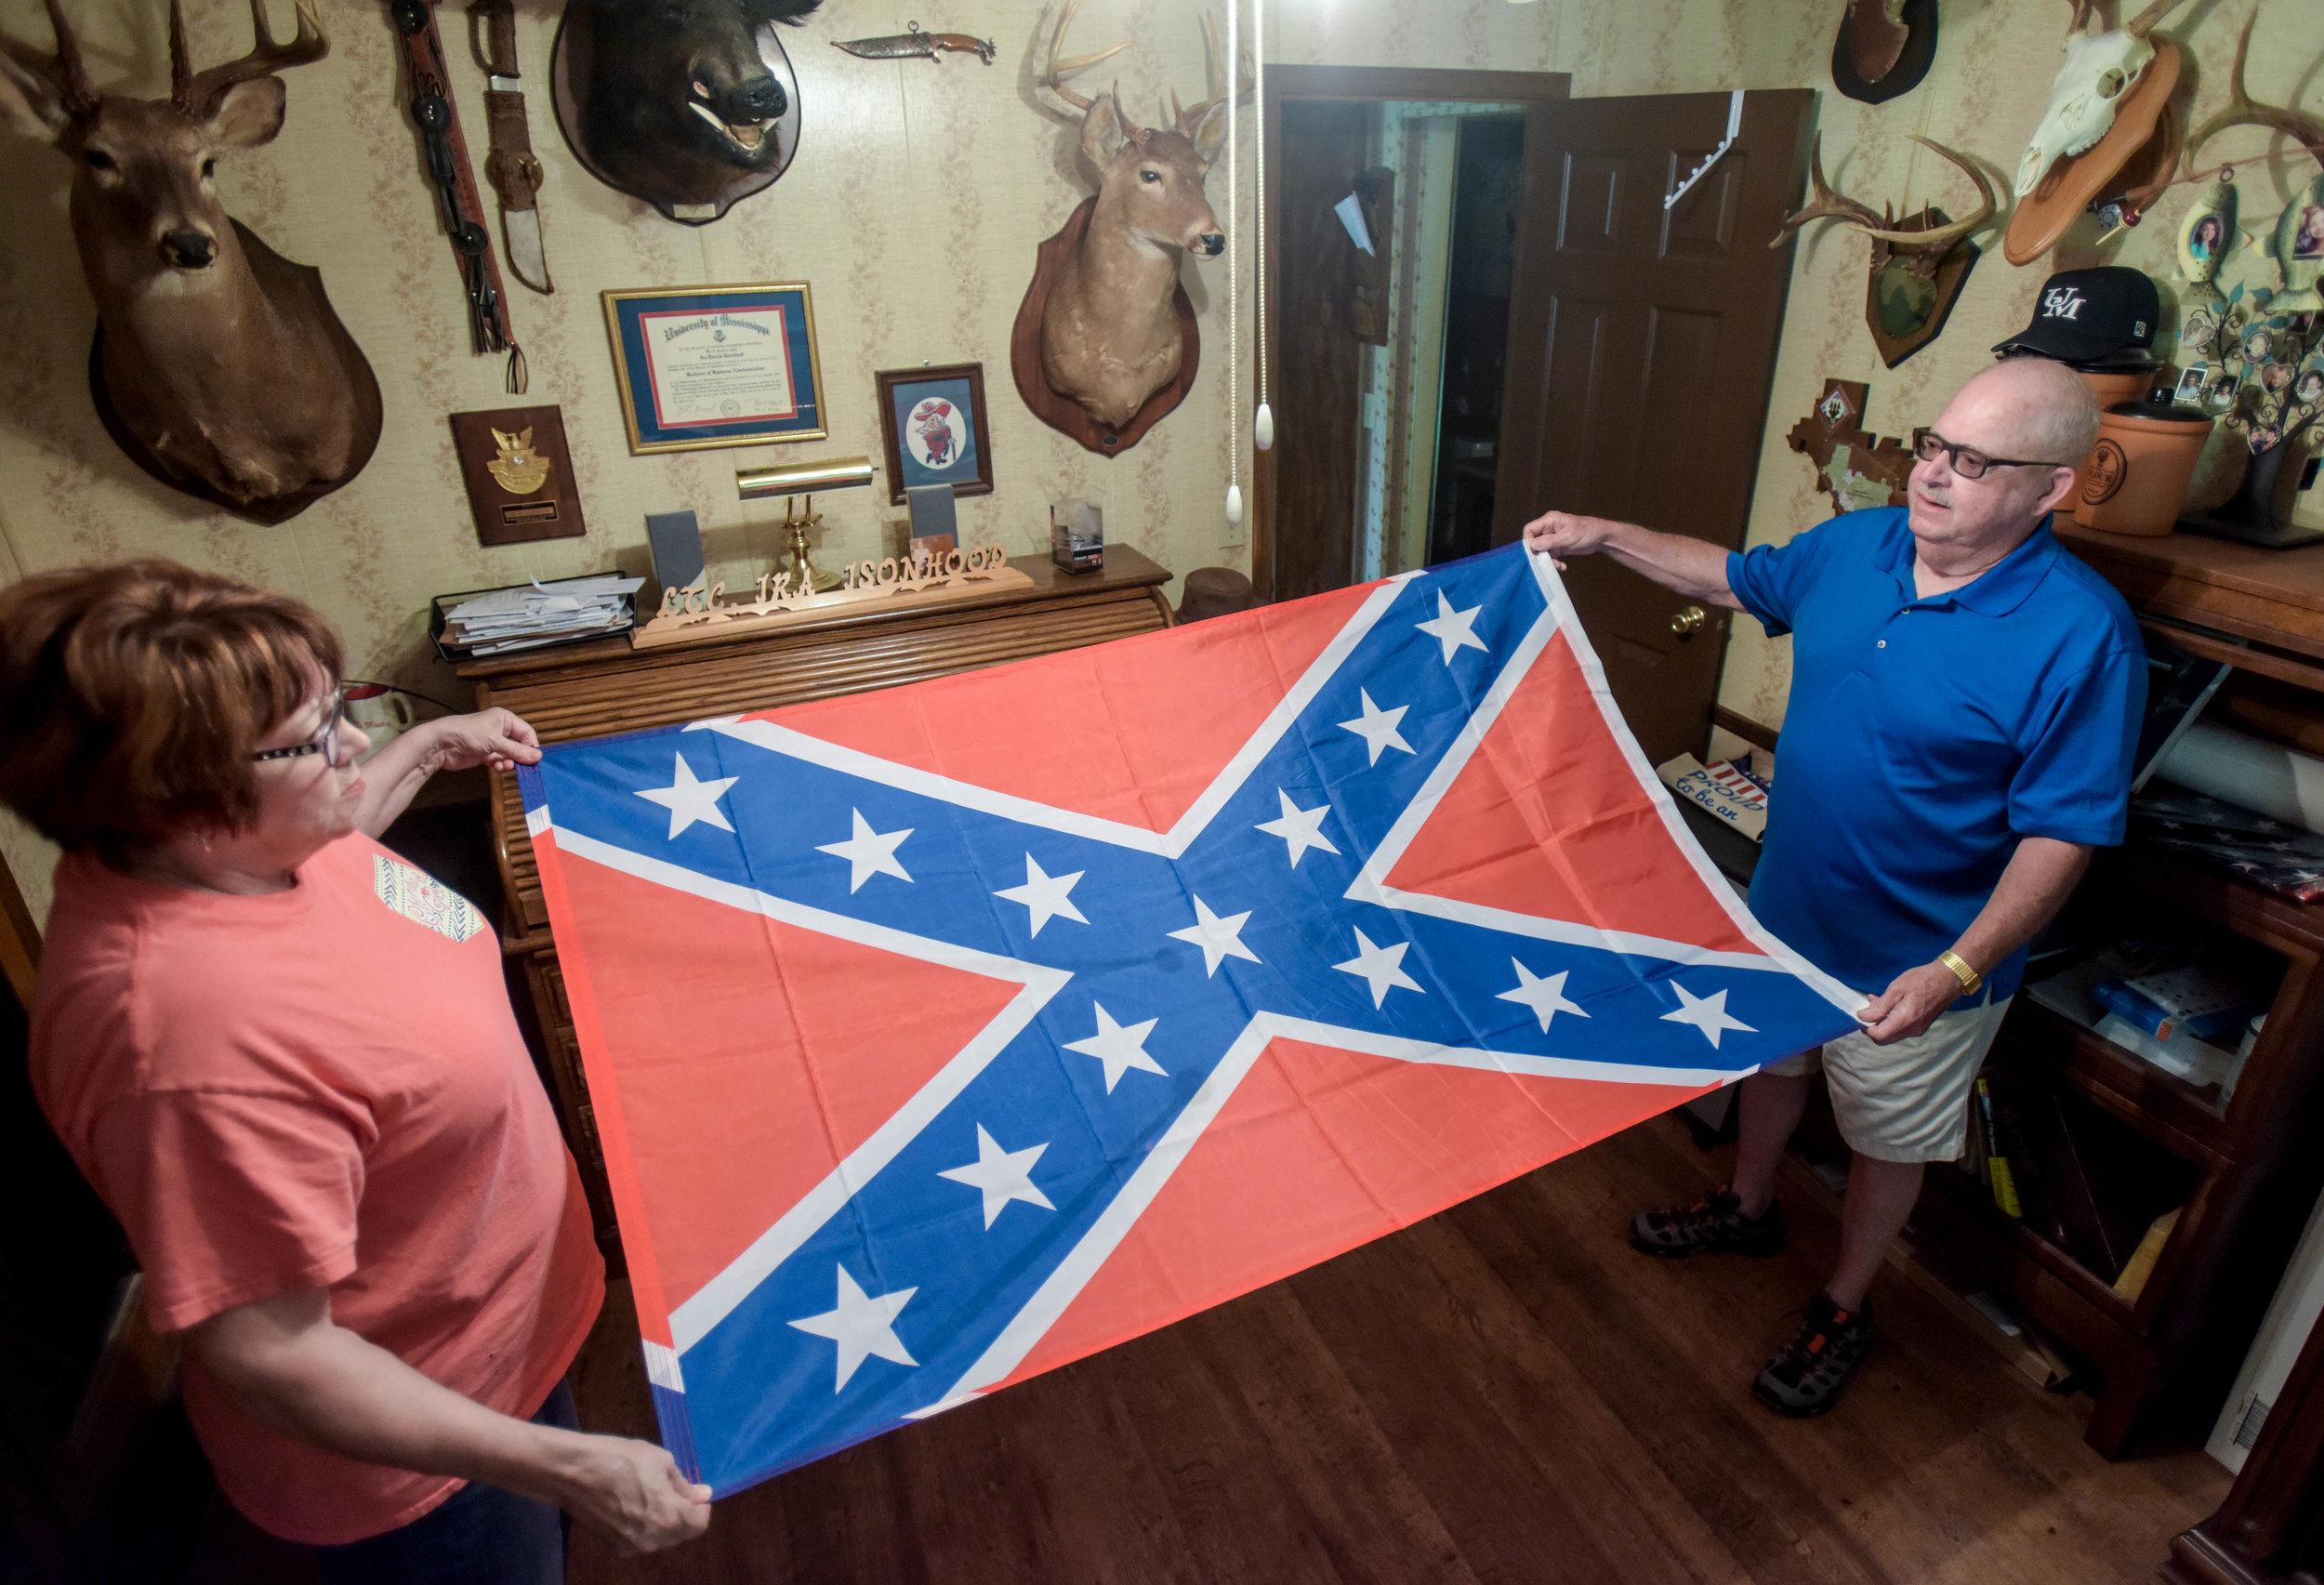 ConfederateFlag_1321.jpg